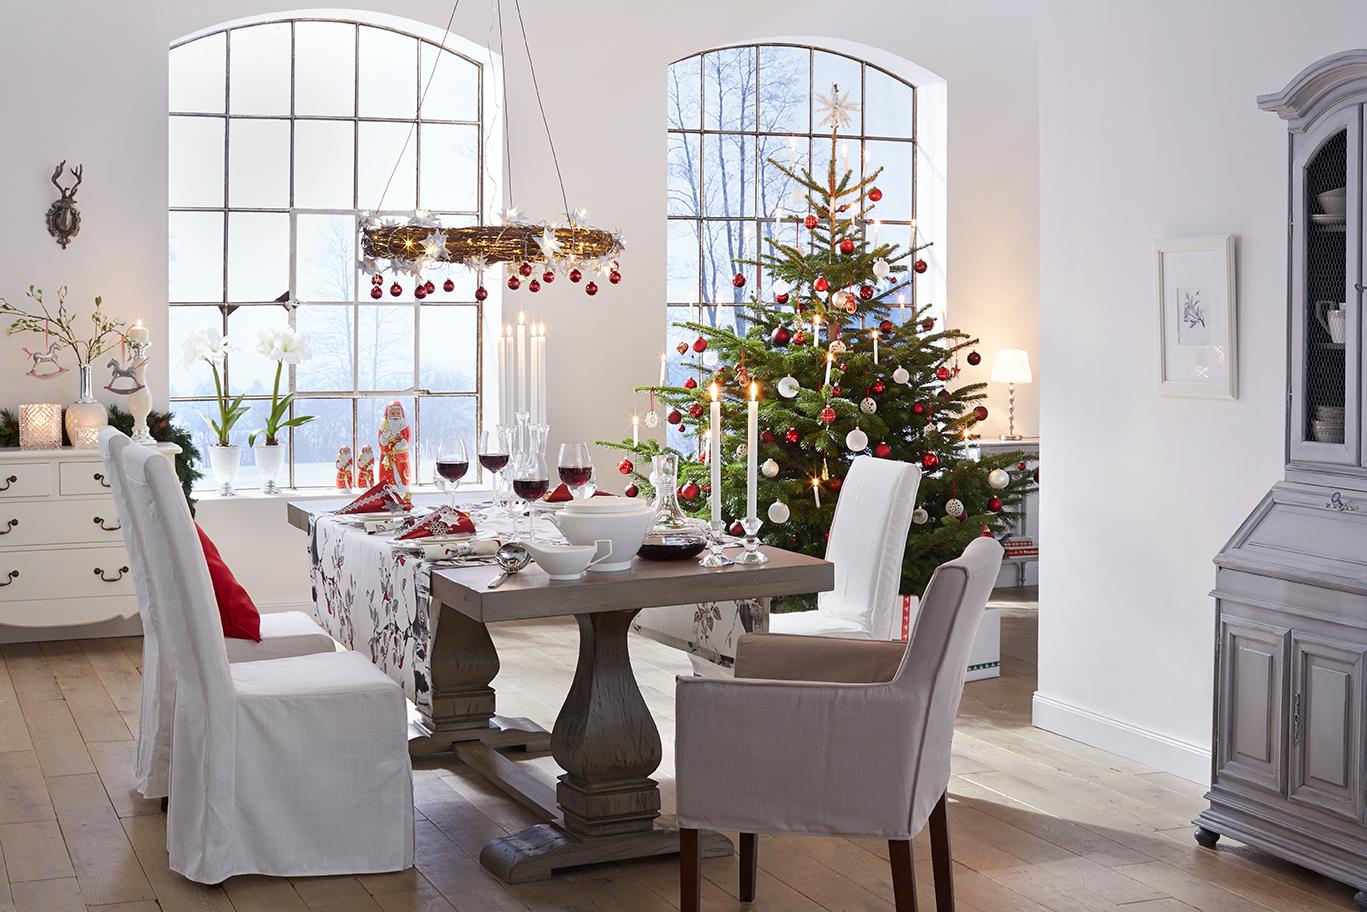 Weihnachten kann kommen for Dekoration wohnung weihnachten